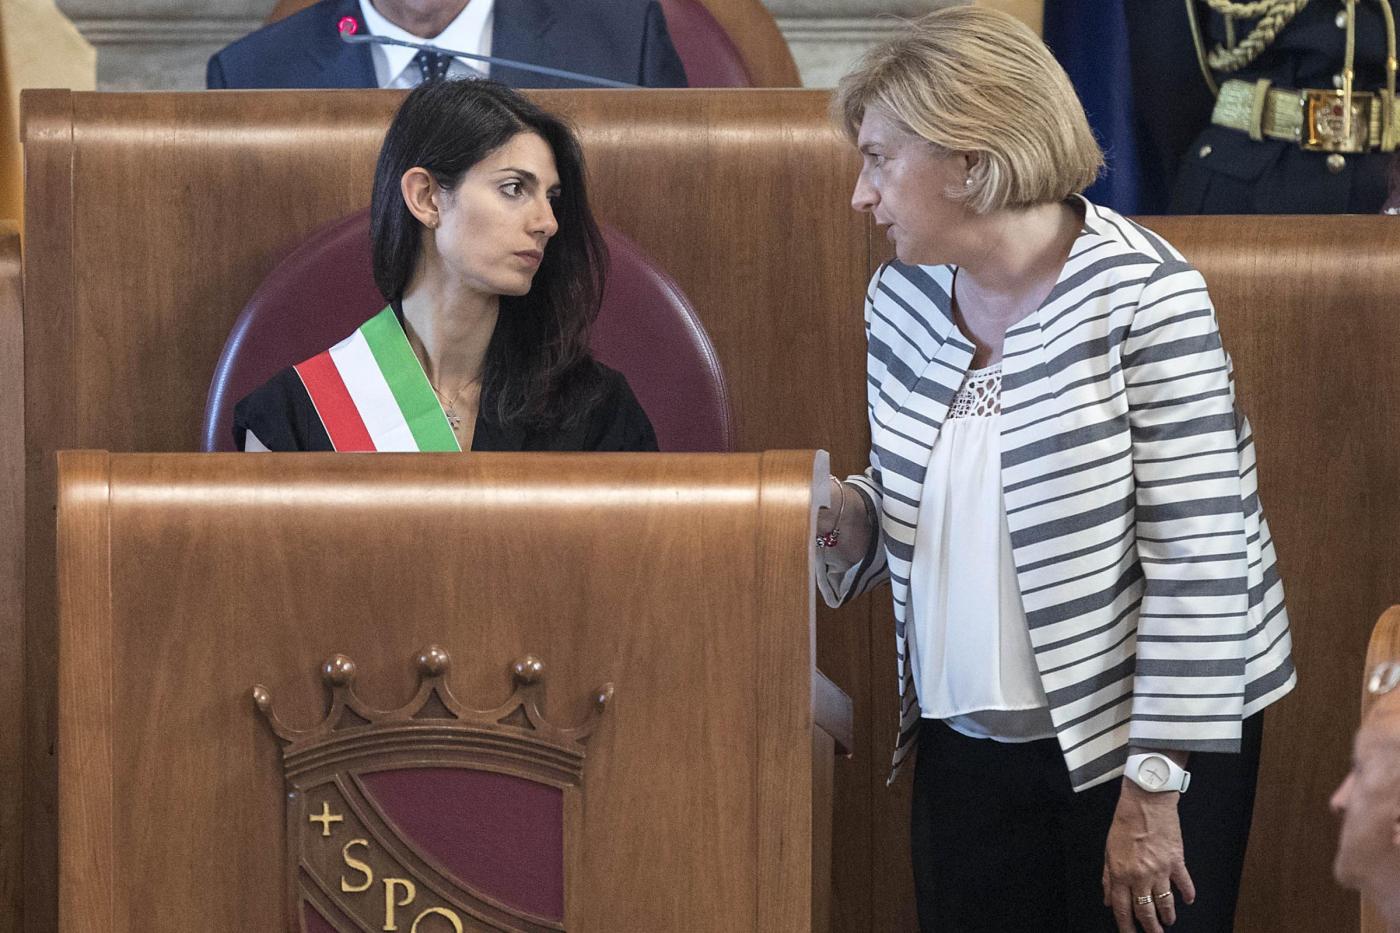 Rifiuti Roma, intercettazioni tra Paola Muraro e Salvatore Buzzi